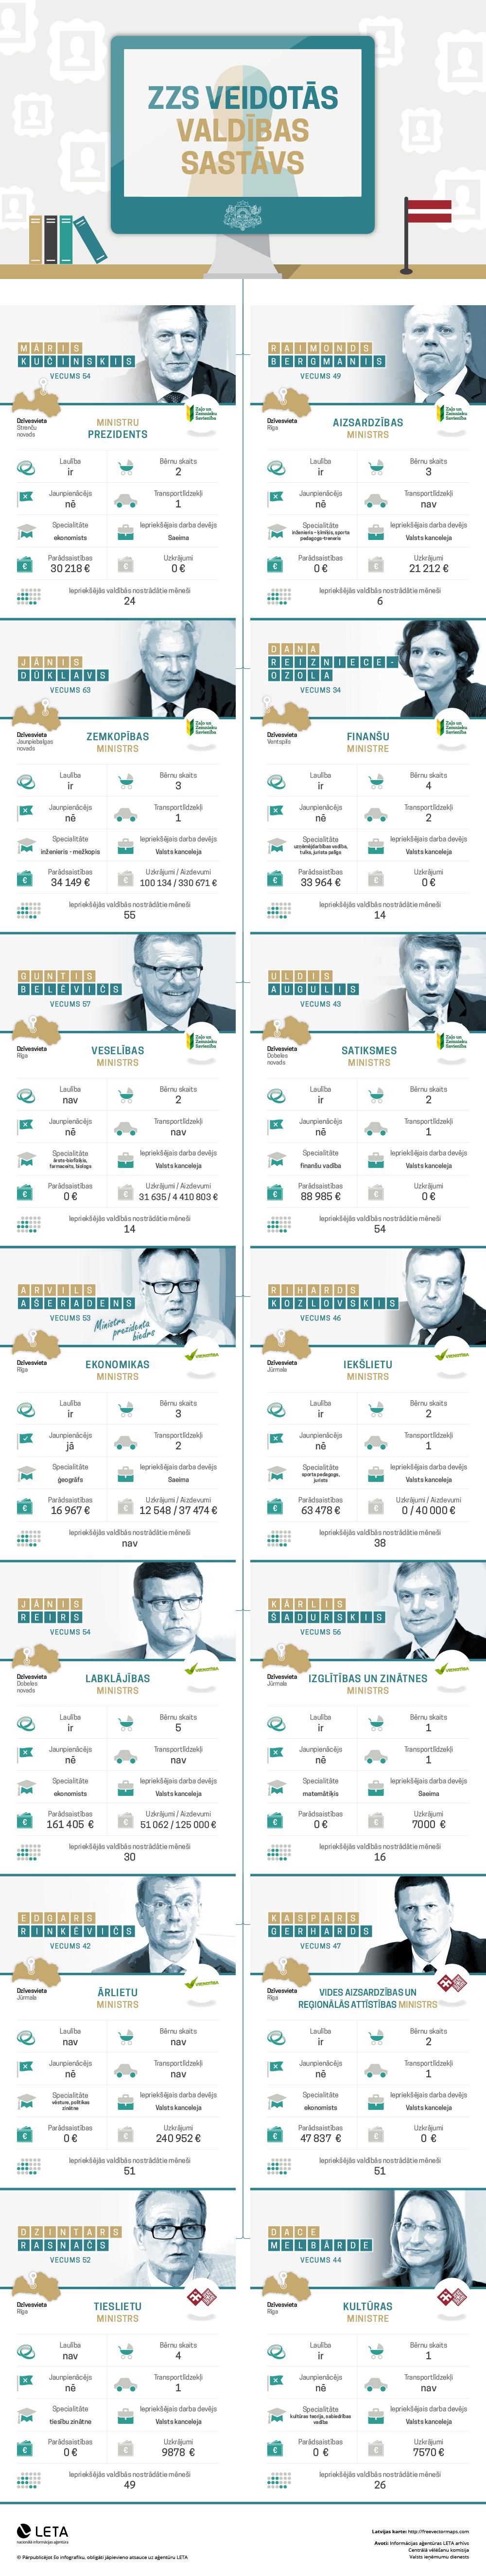 Infografika par Kučinska valdības sastāvu